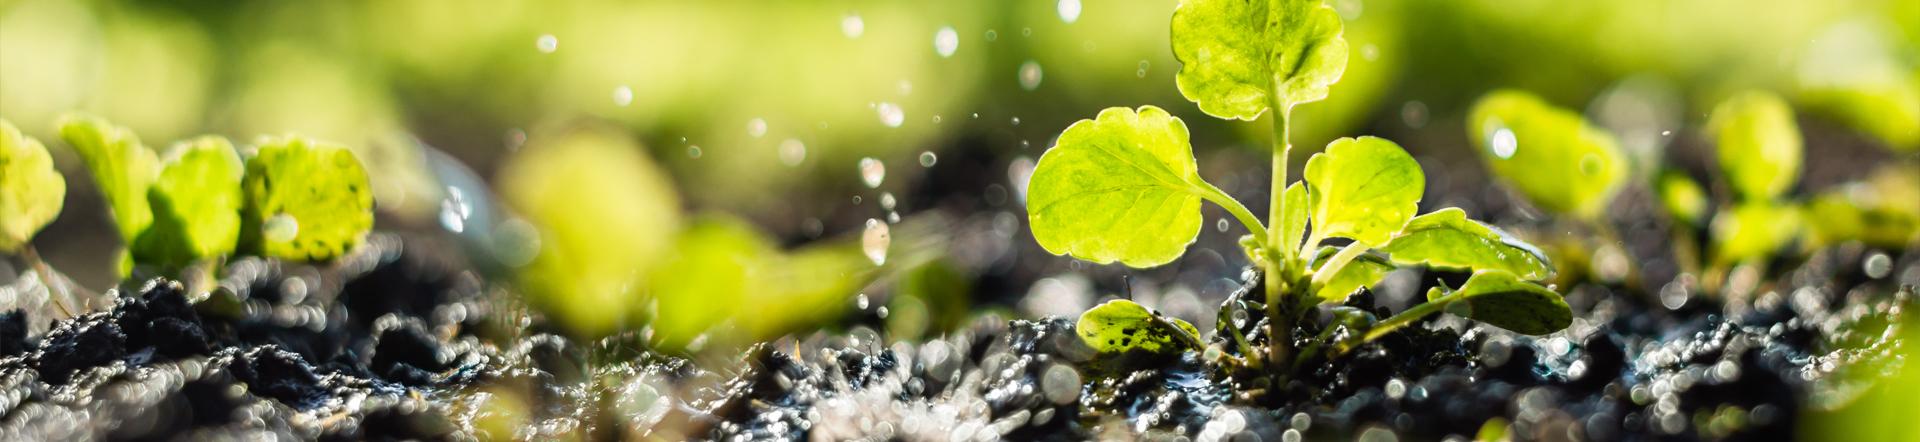 macro shot of plants being watered